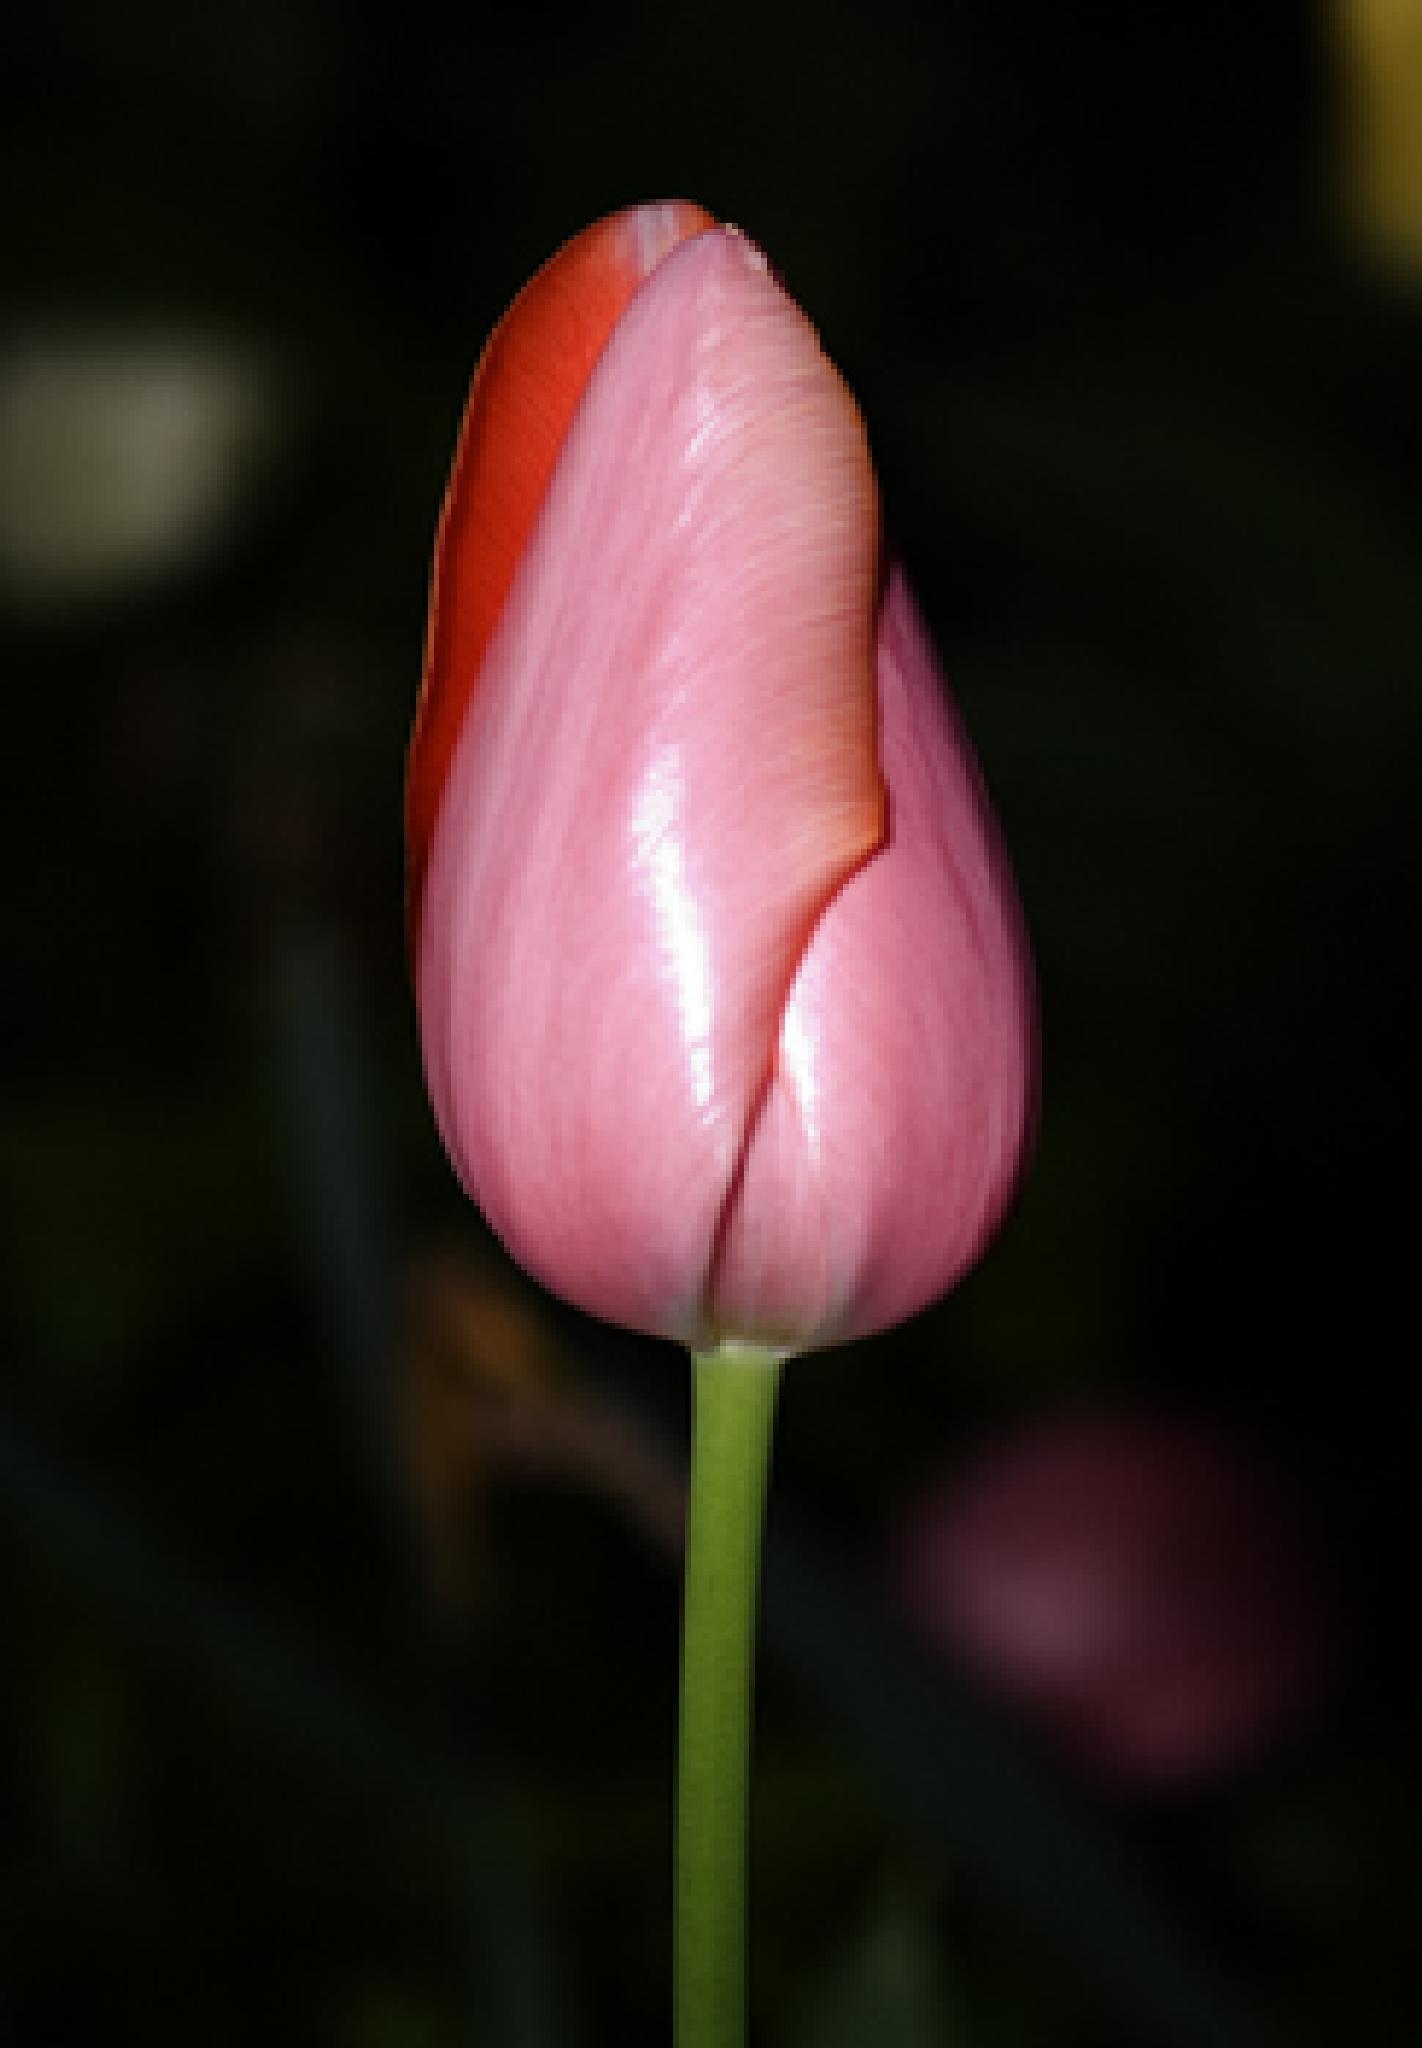 Red bloom by debra.louden1